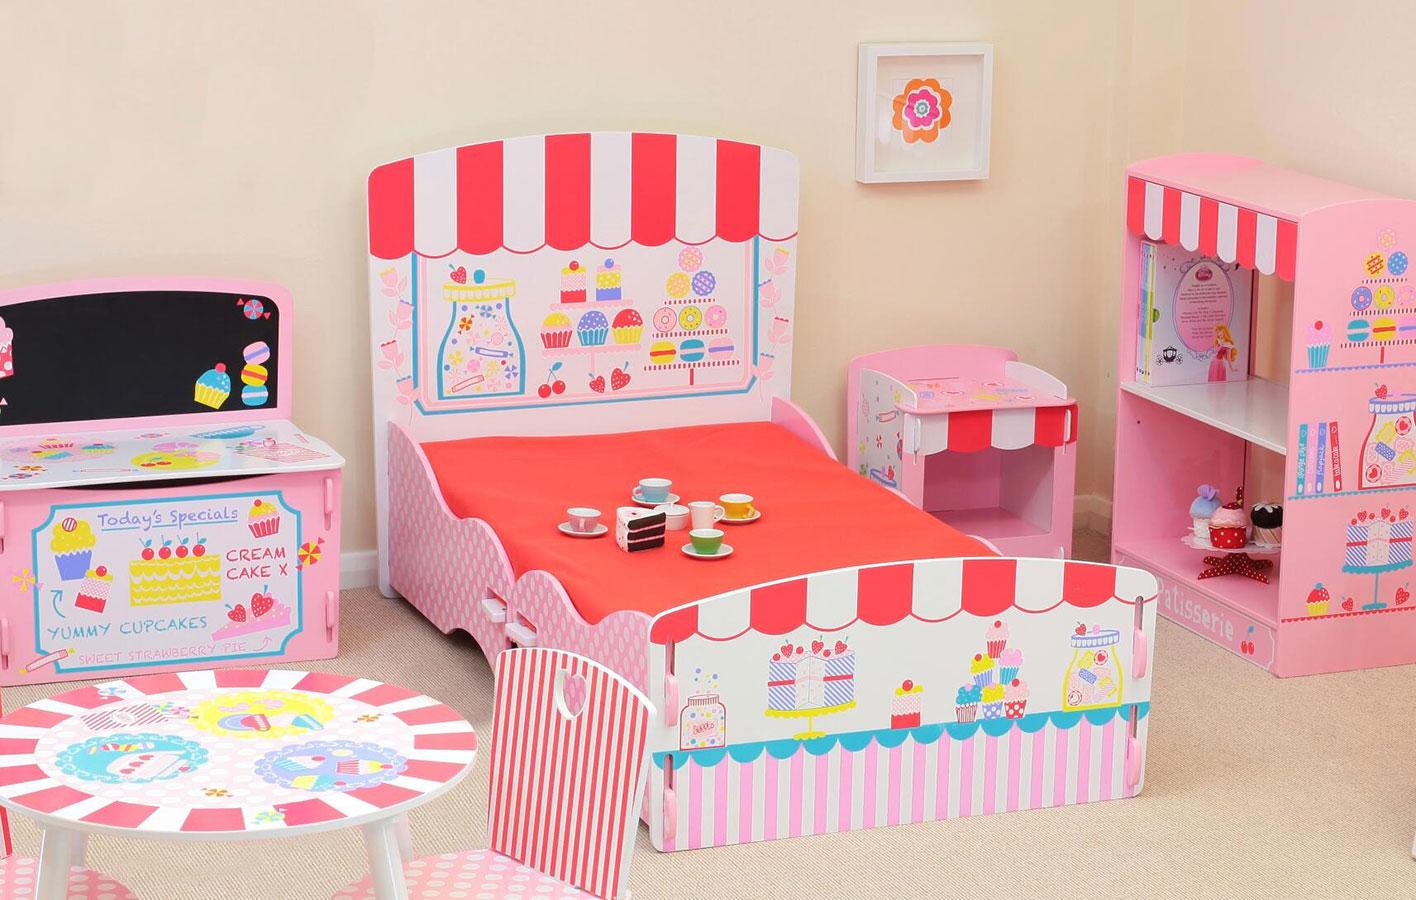 Patisserie Children's Bedroom Furniture Collection